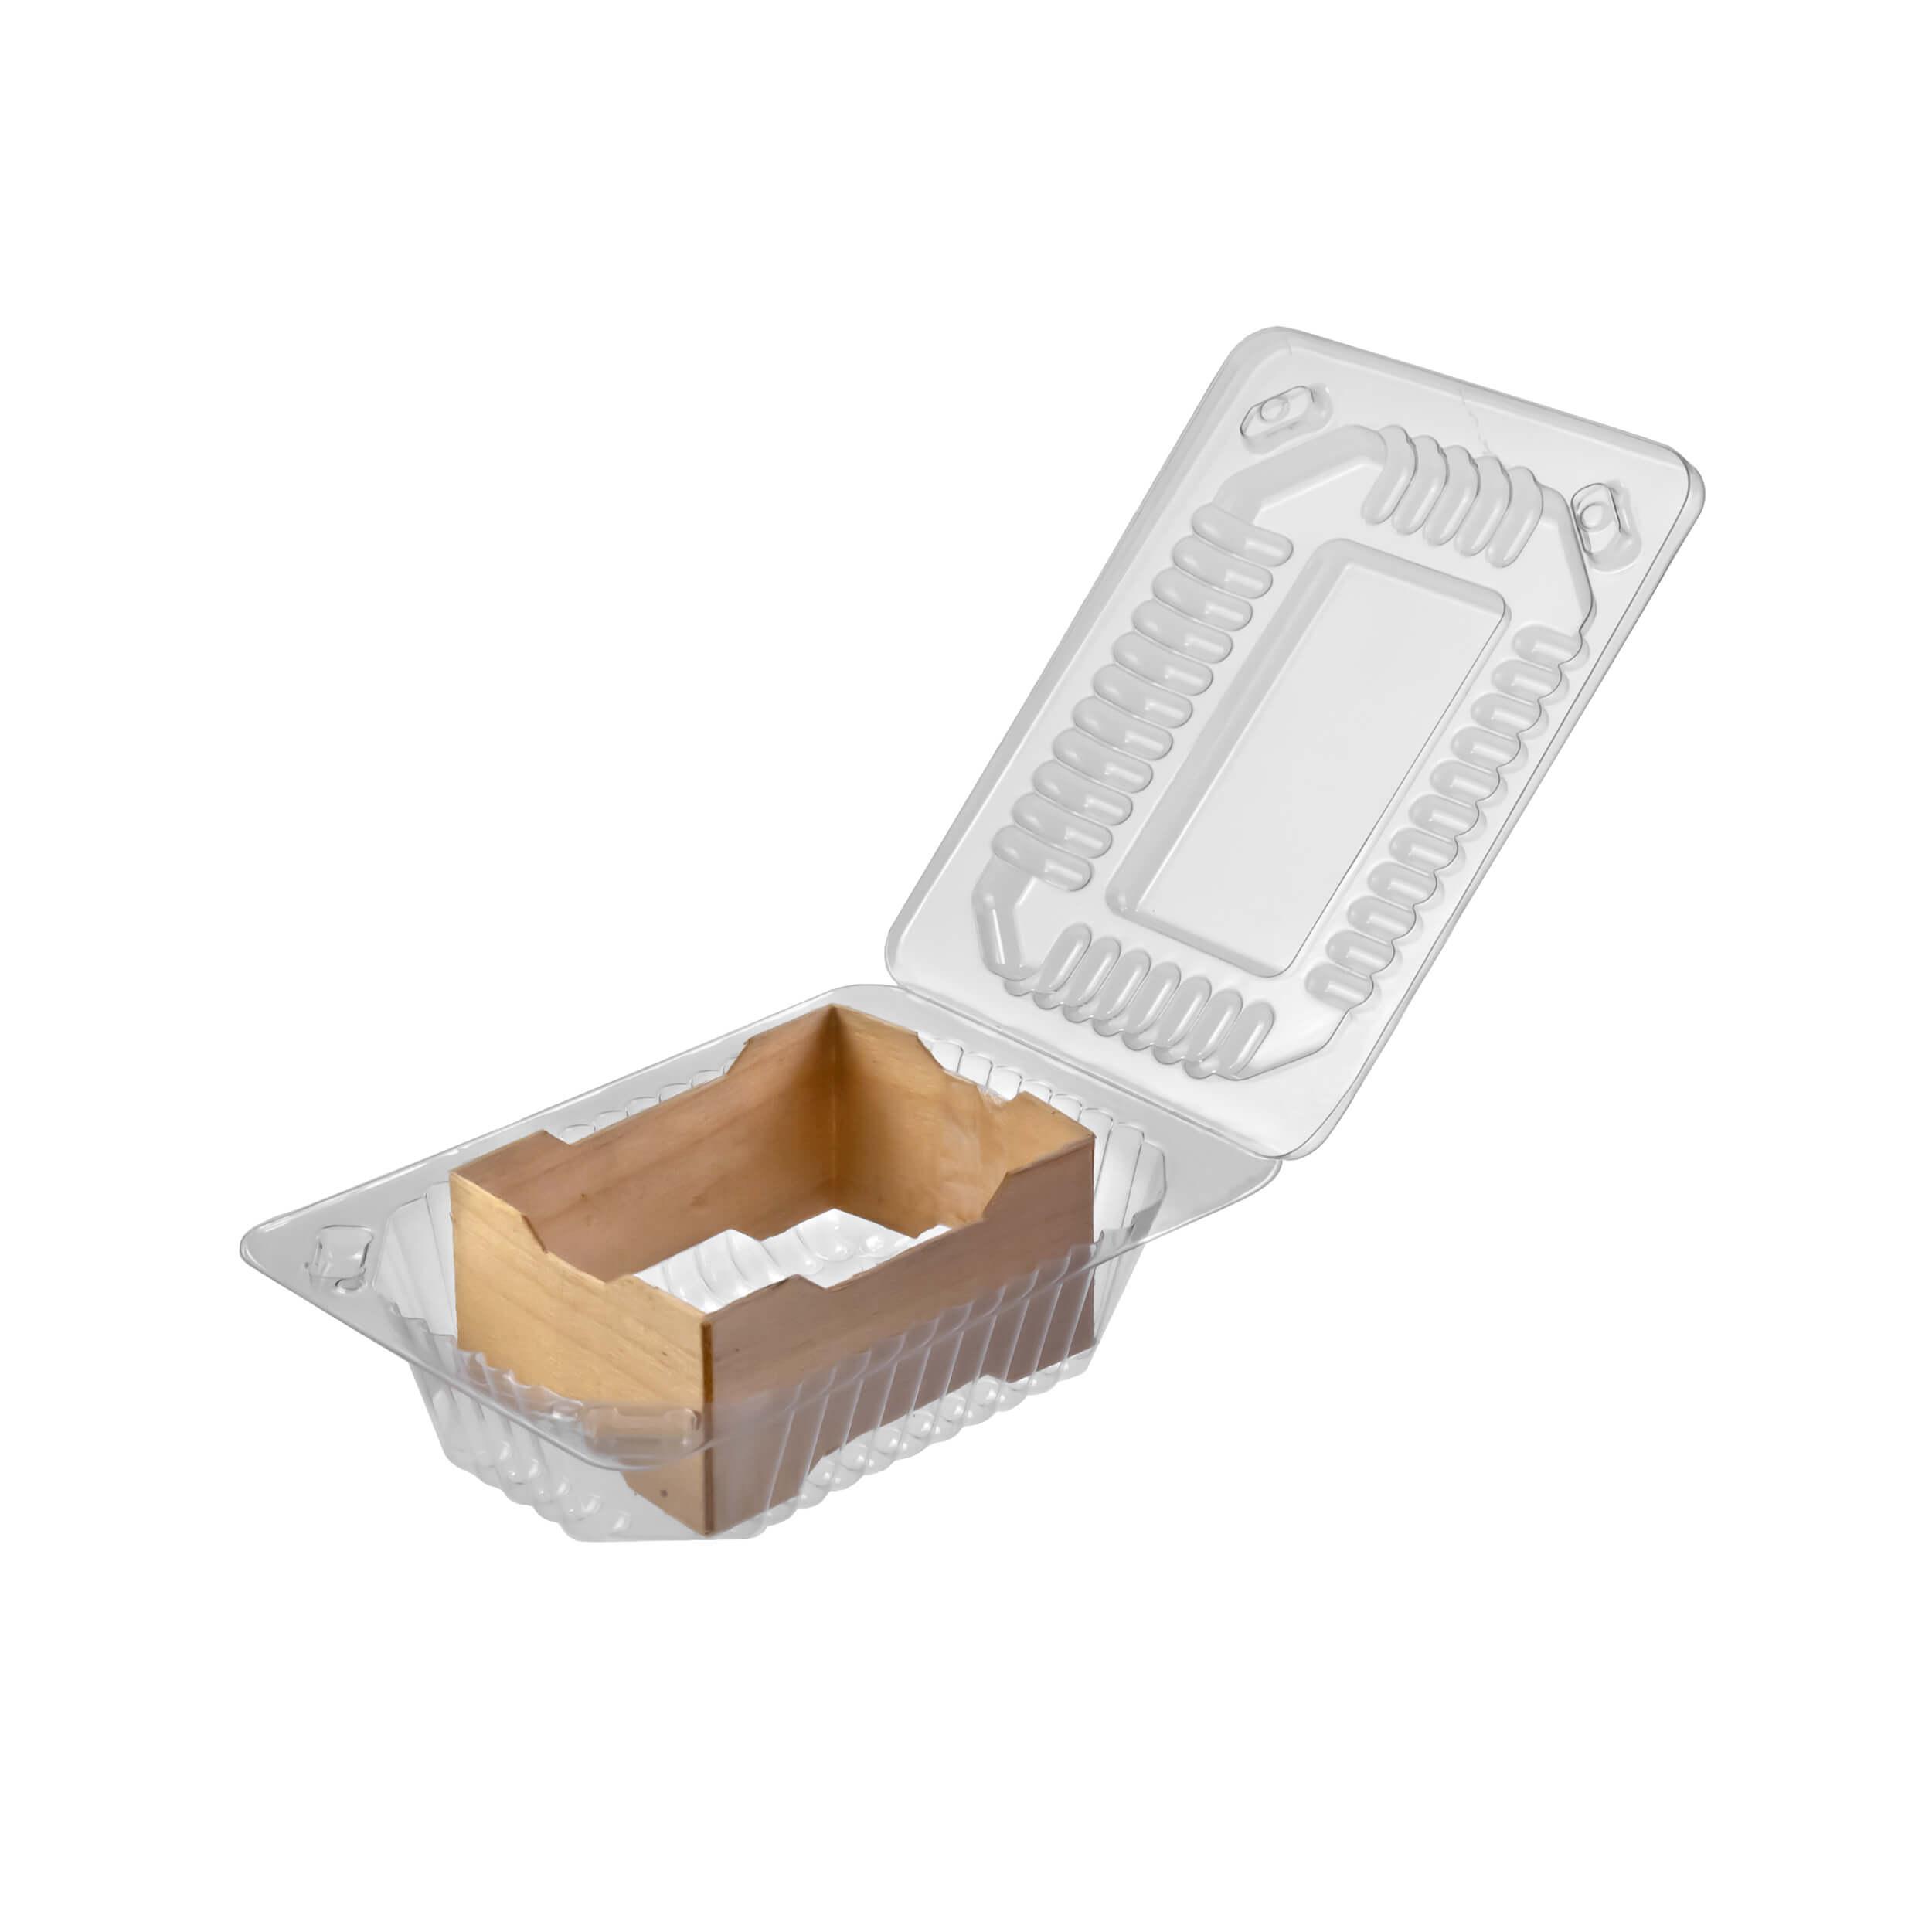 Деревянная рамка для секционного меда с контейнером (52х68х37, упаковка 50 штук) фото